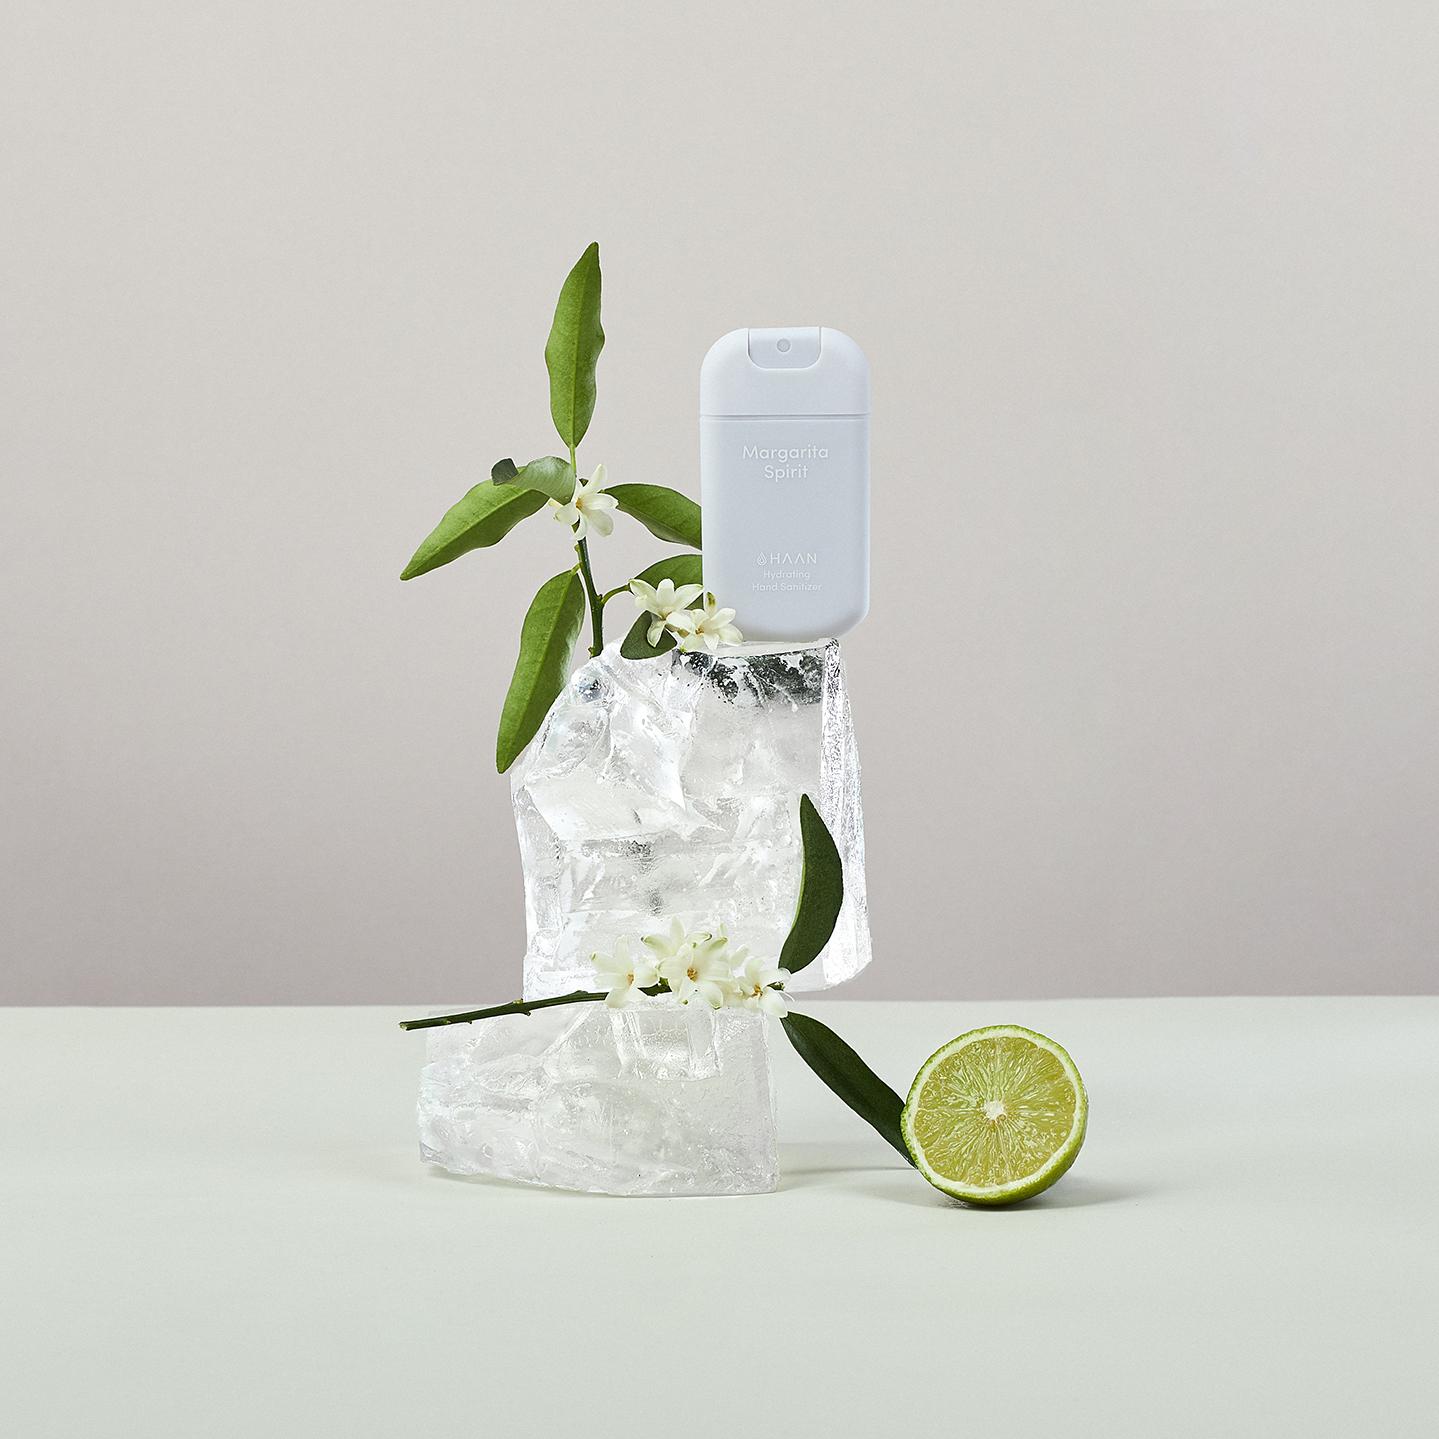 Haan niisutav käte desinfisteerimisvahend Margarita Spirit 5